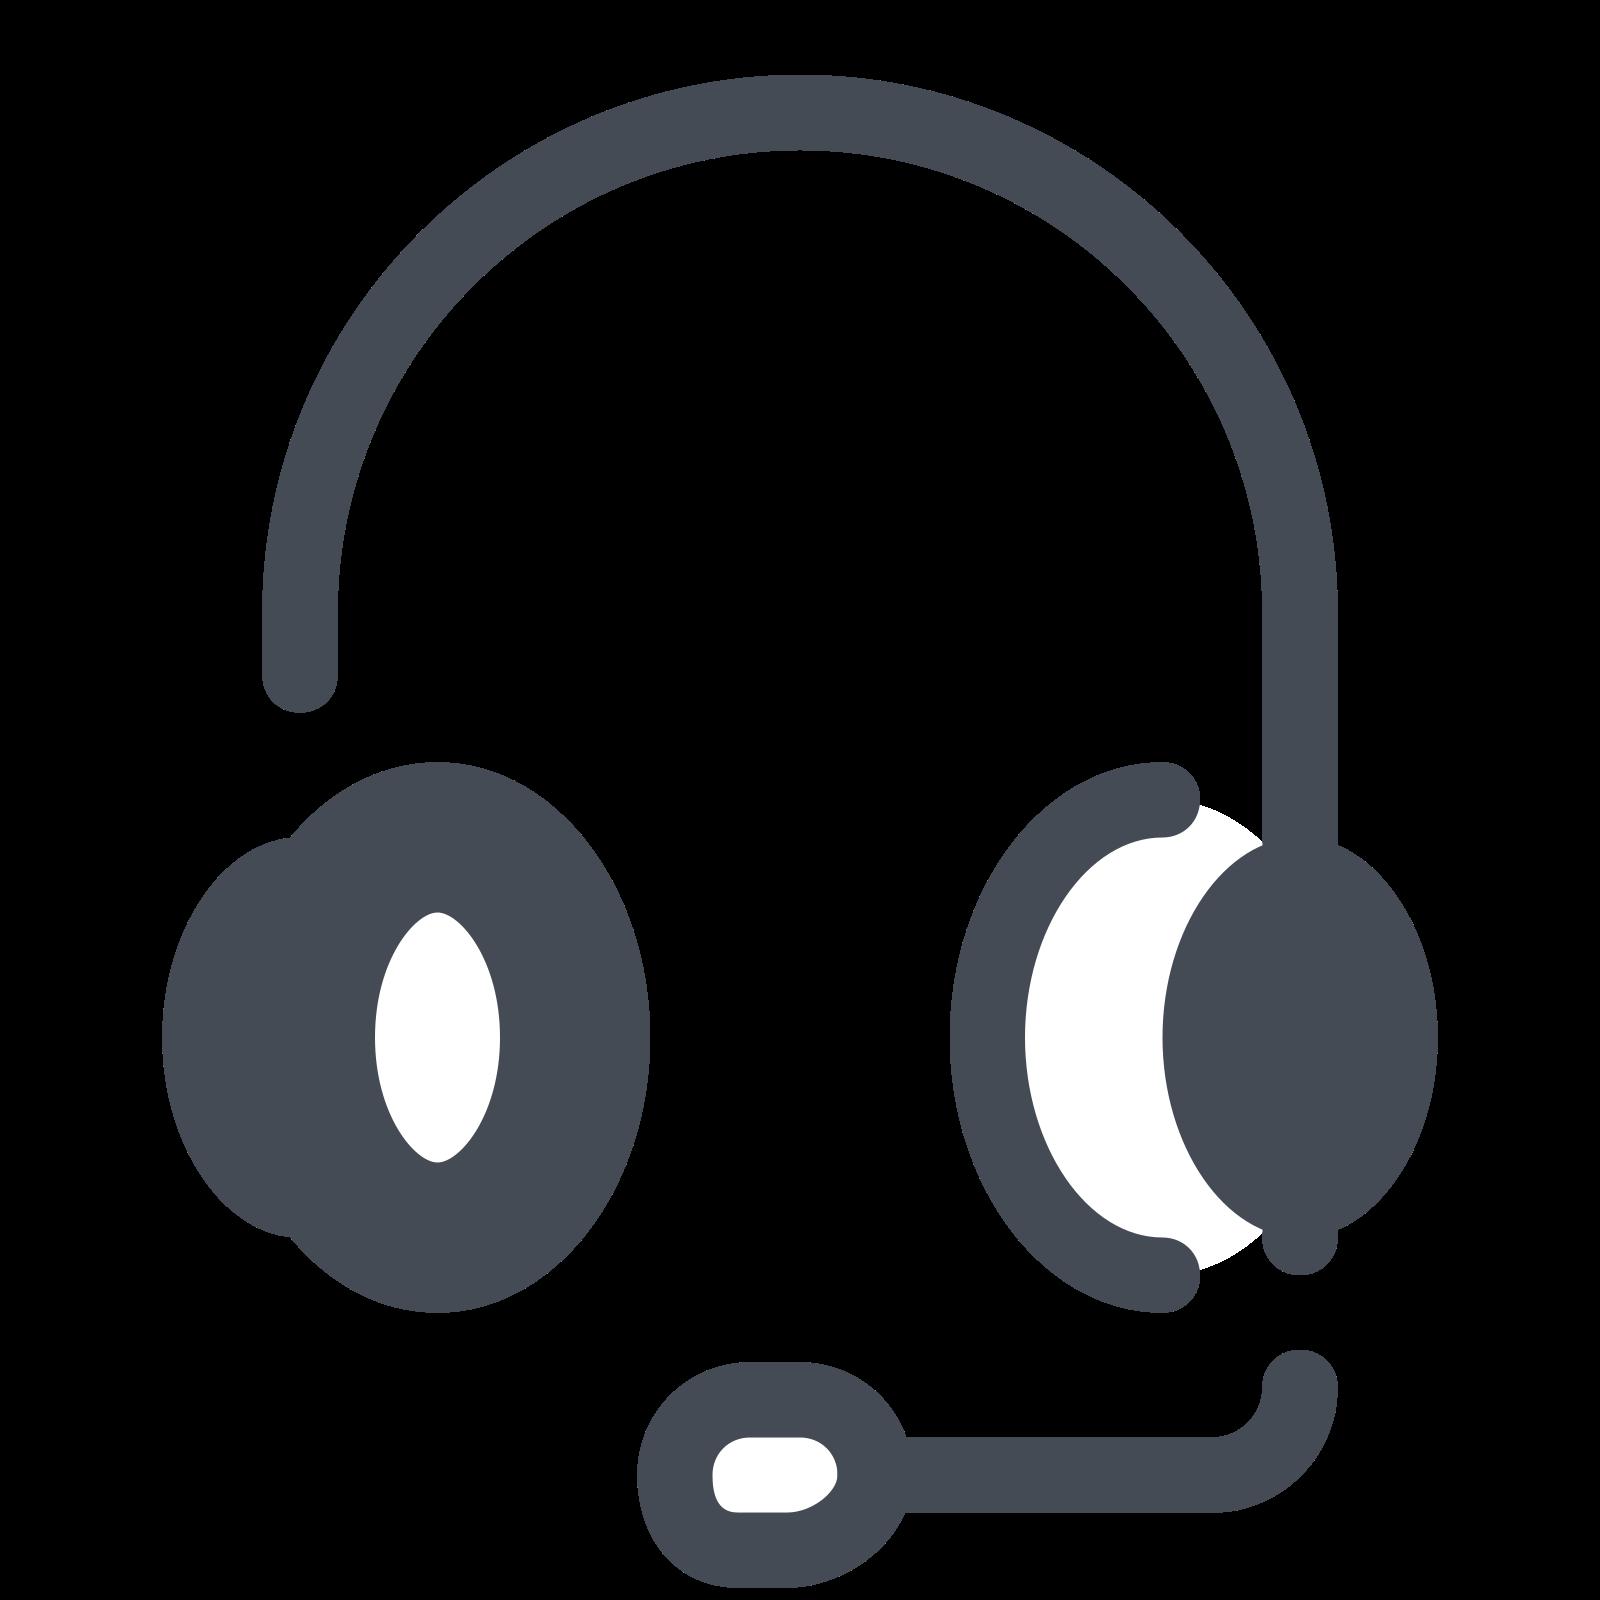 Наушники icon